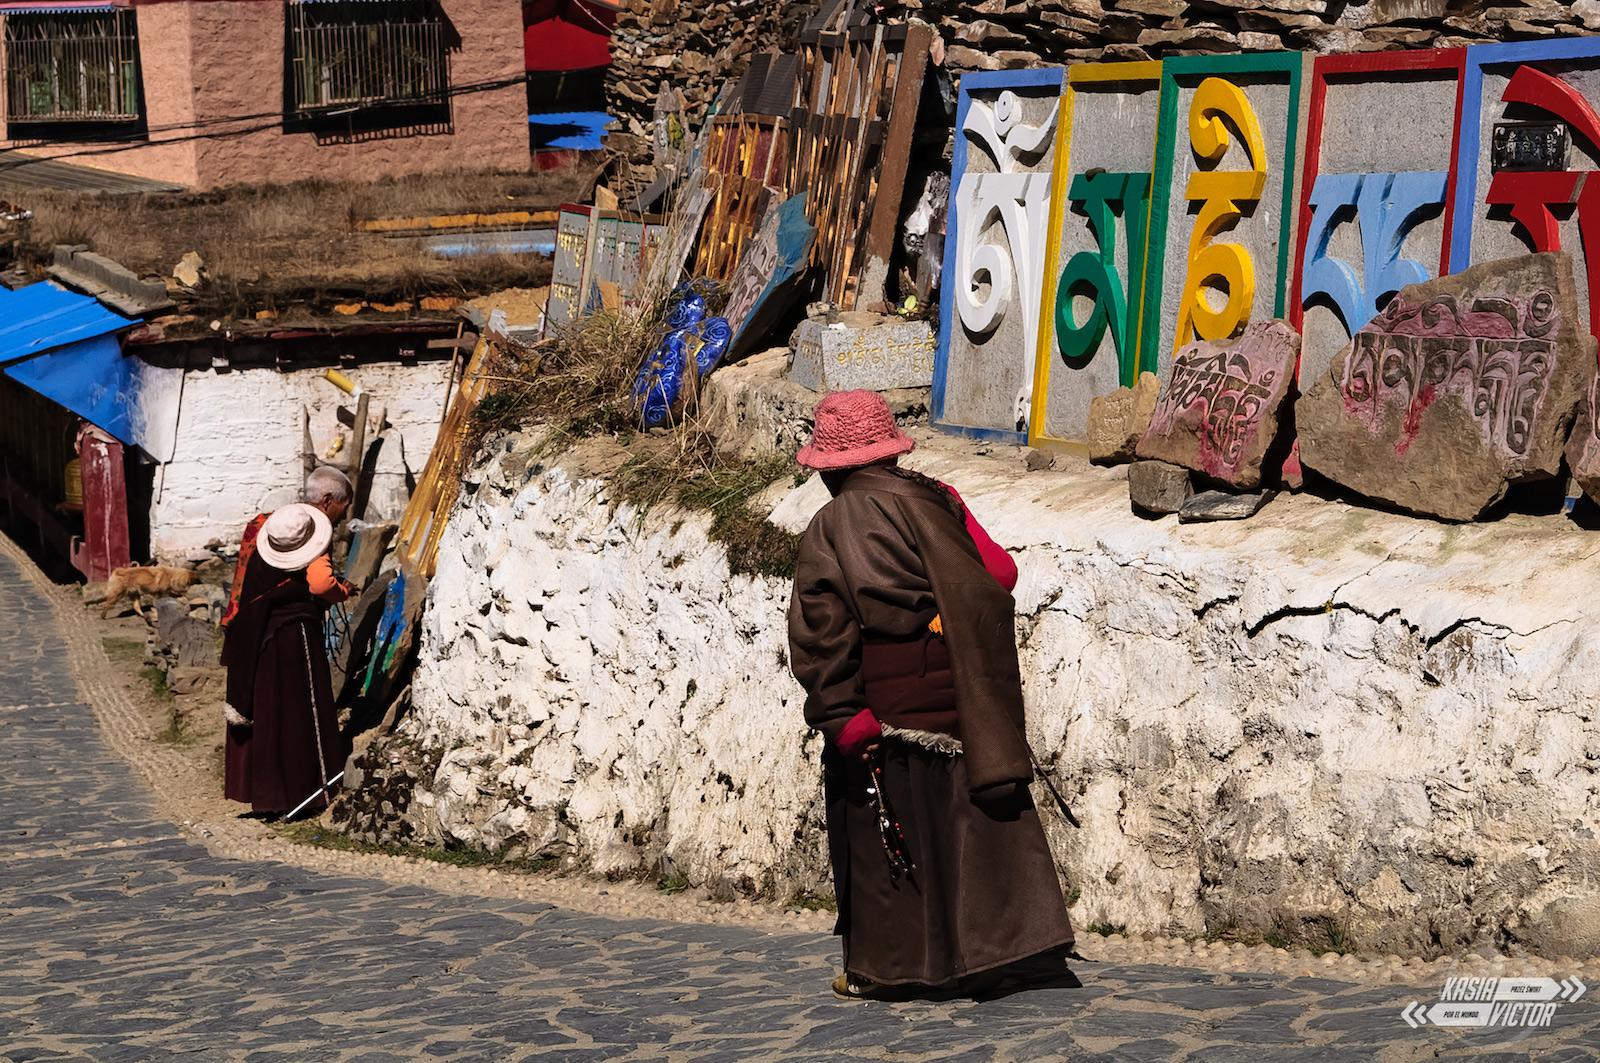 Podróż przez Chiny, tybetański klasztor w mieście Litang